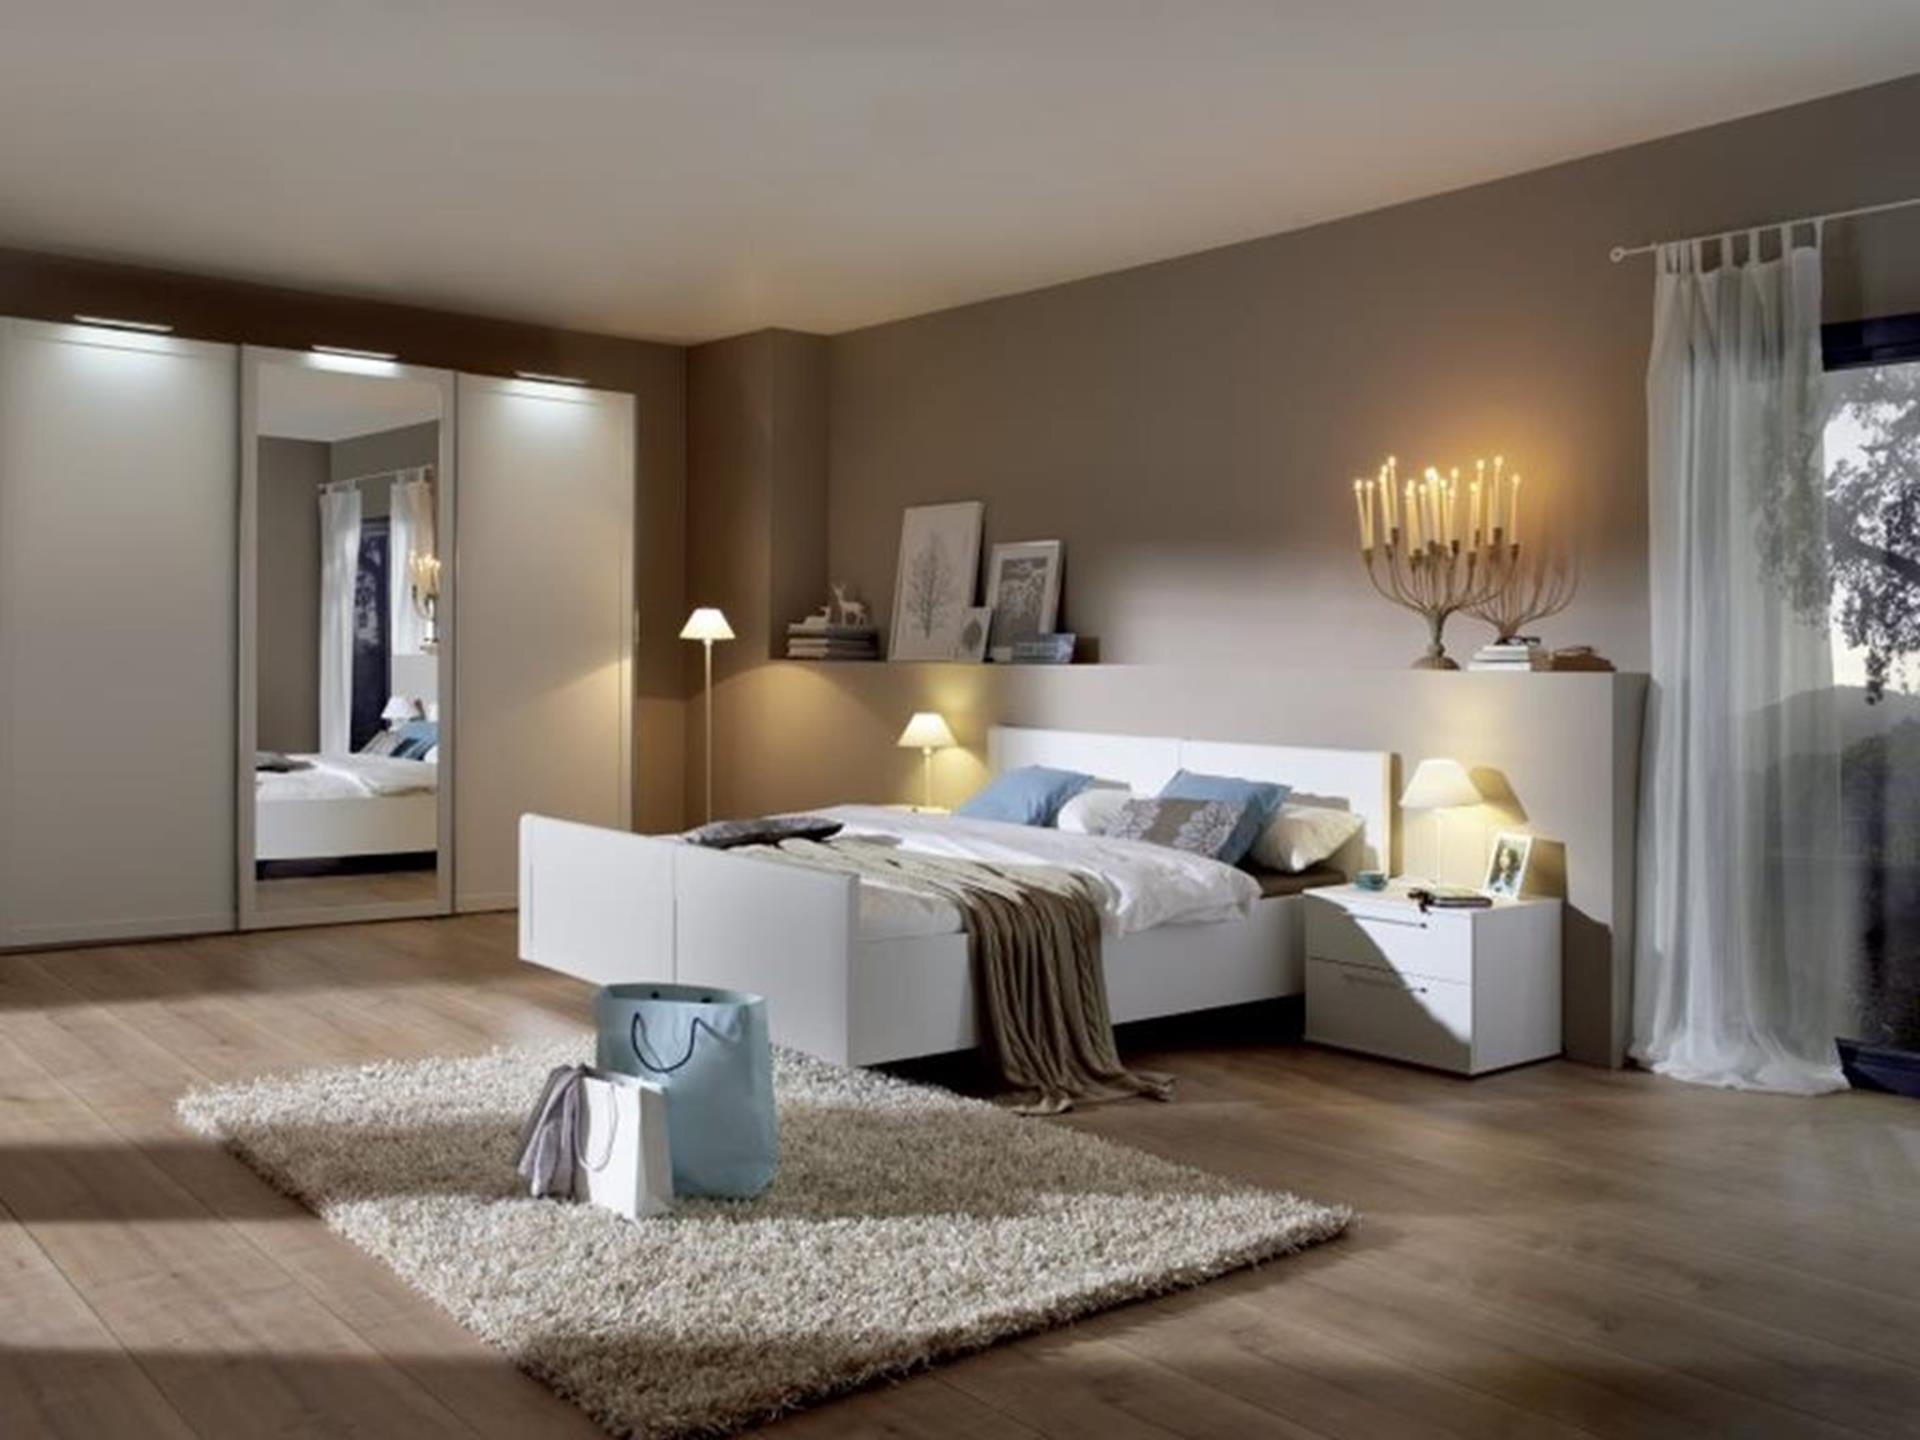 łóżko i szafki nocne w ciepłym i przyjaznym pomieszczeniu